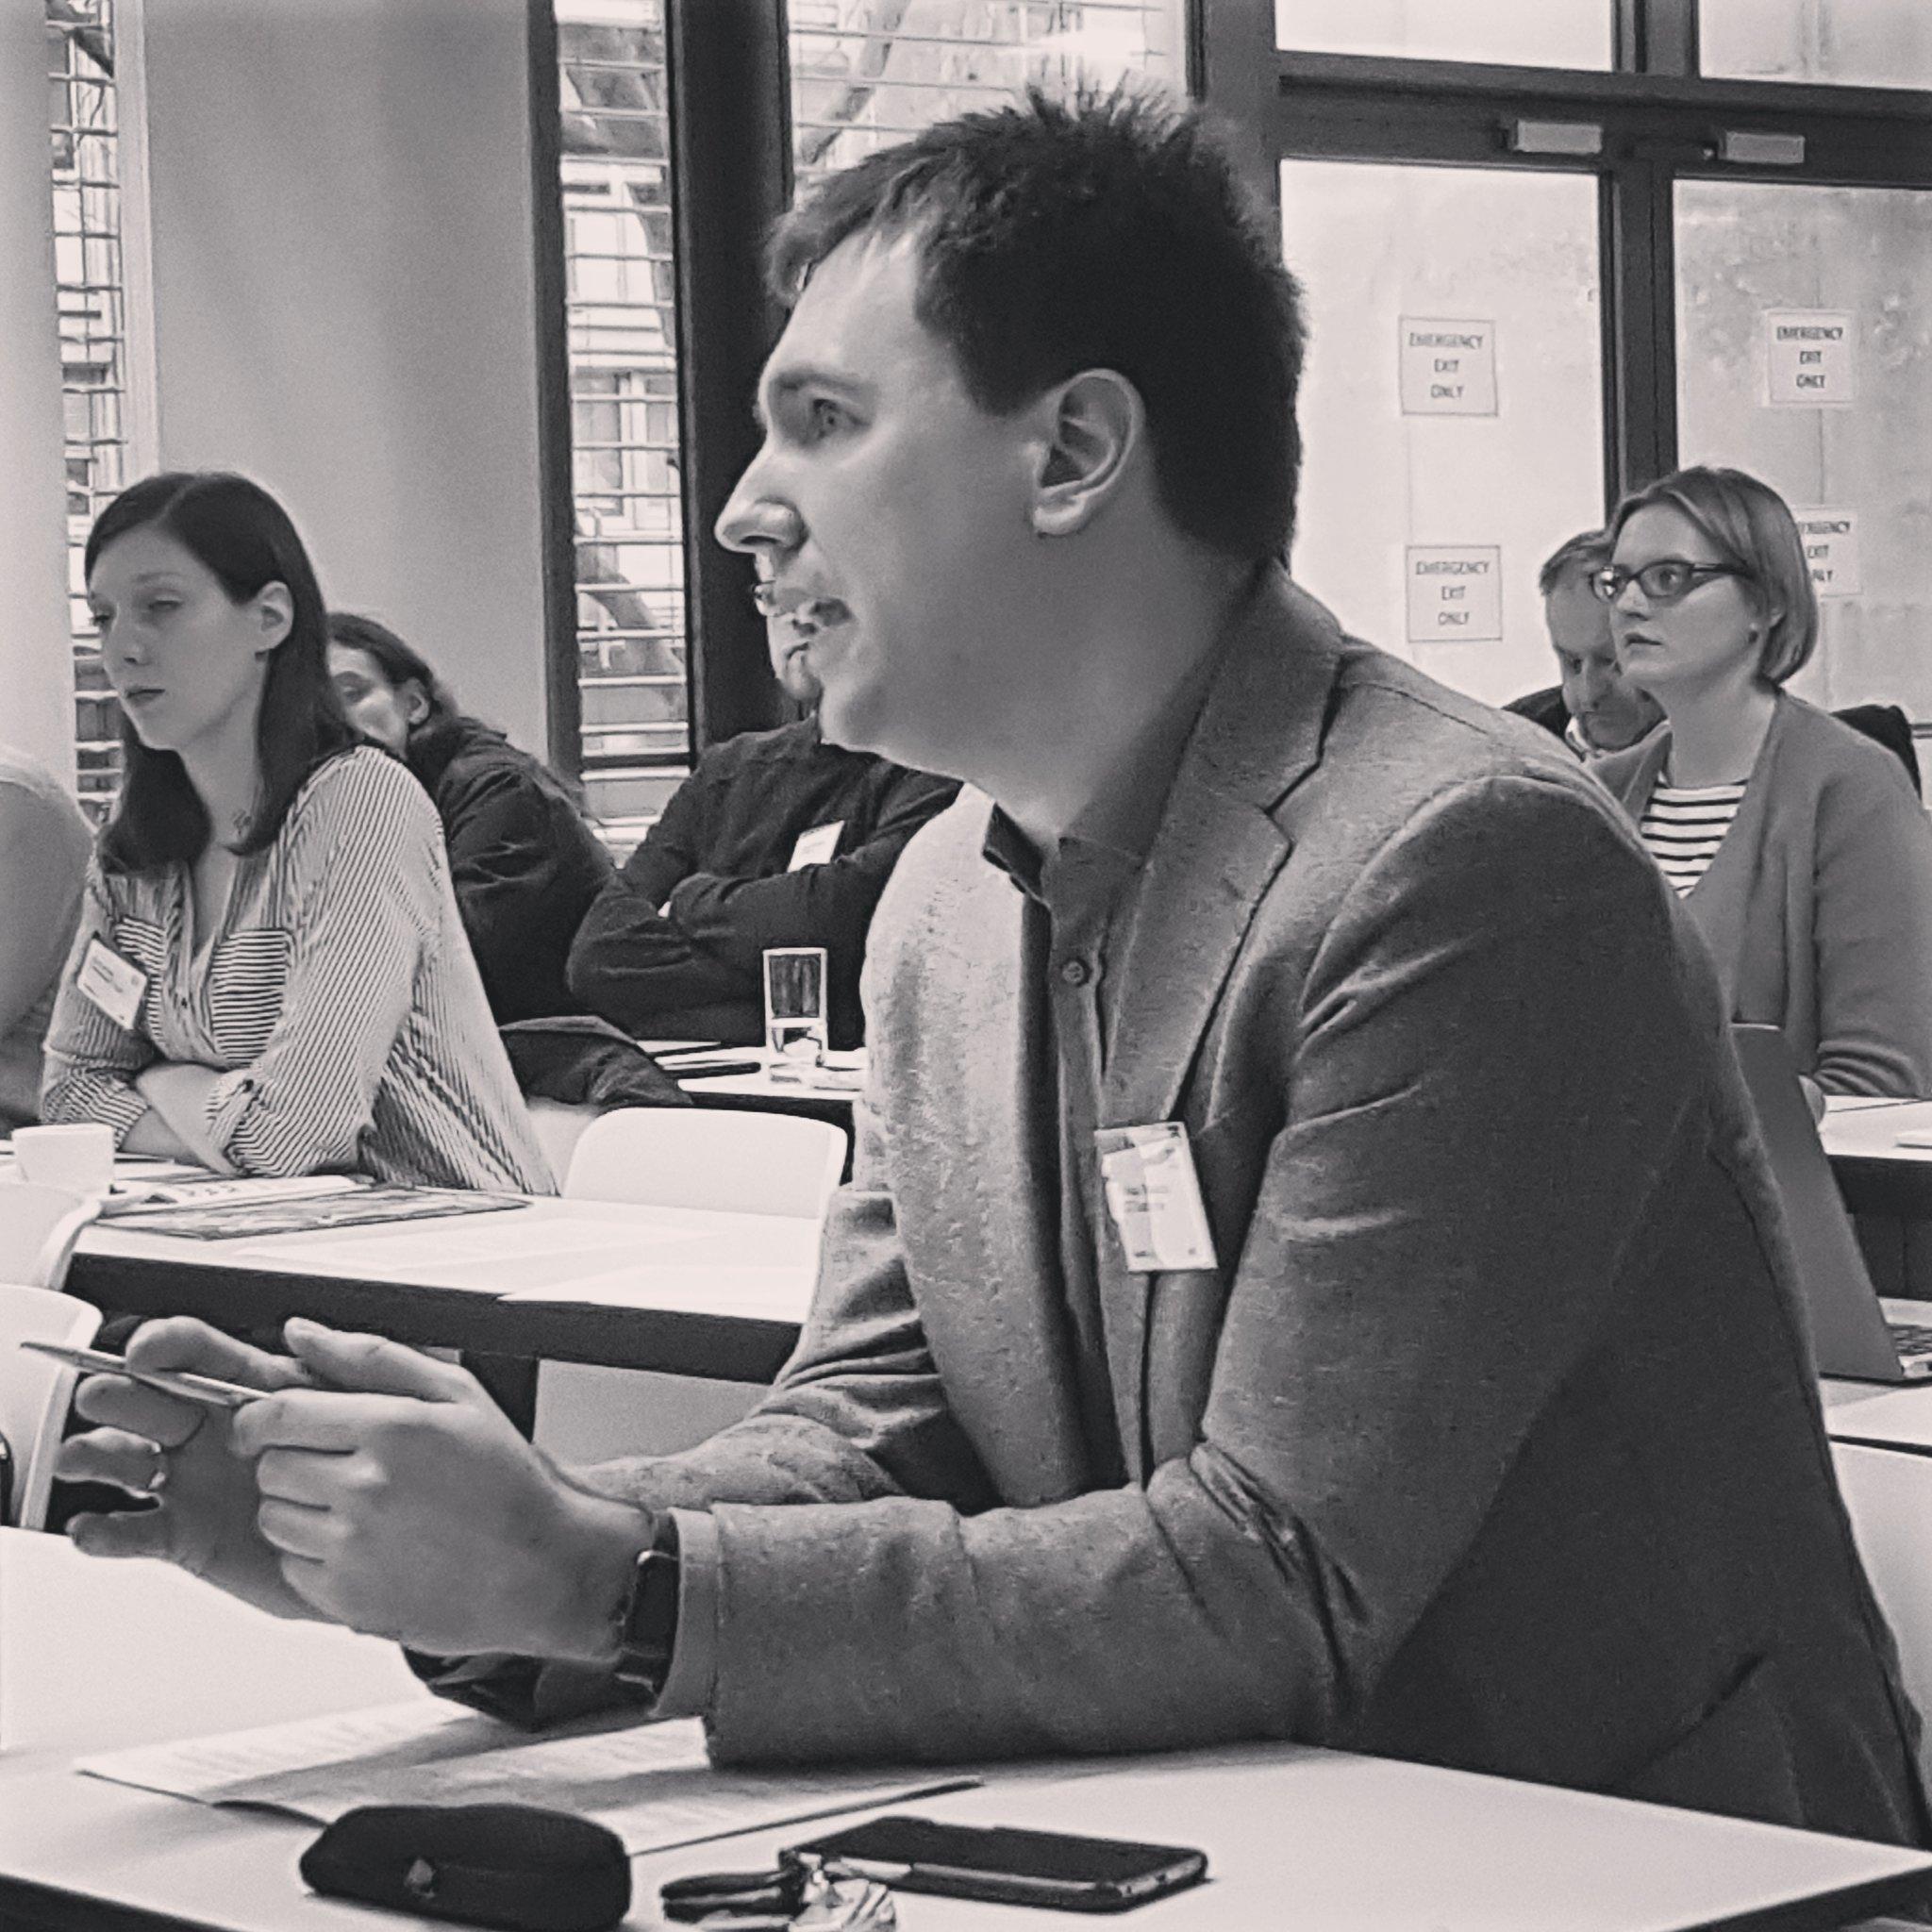 Gute Diskussionen bei der #dgpuk Fachgruppentagung, wir sind mittendrin statt nur dabei :-) #sipistdabei https://t.co/2J1b3lQzOa